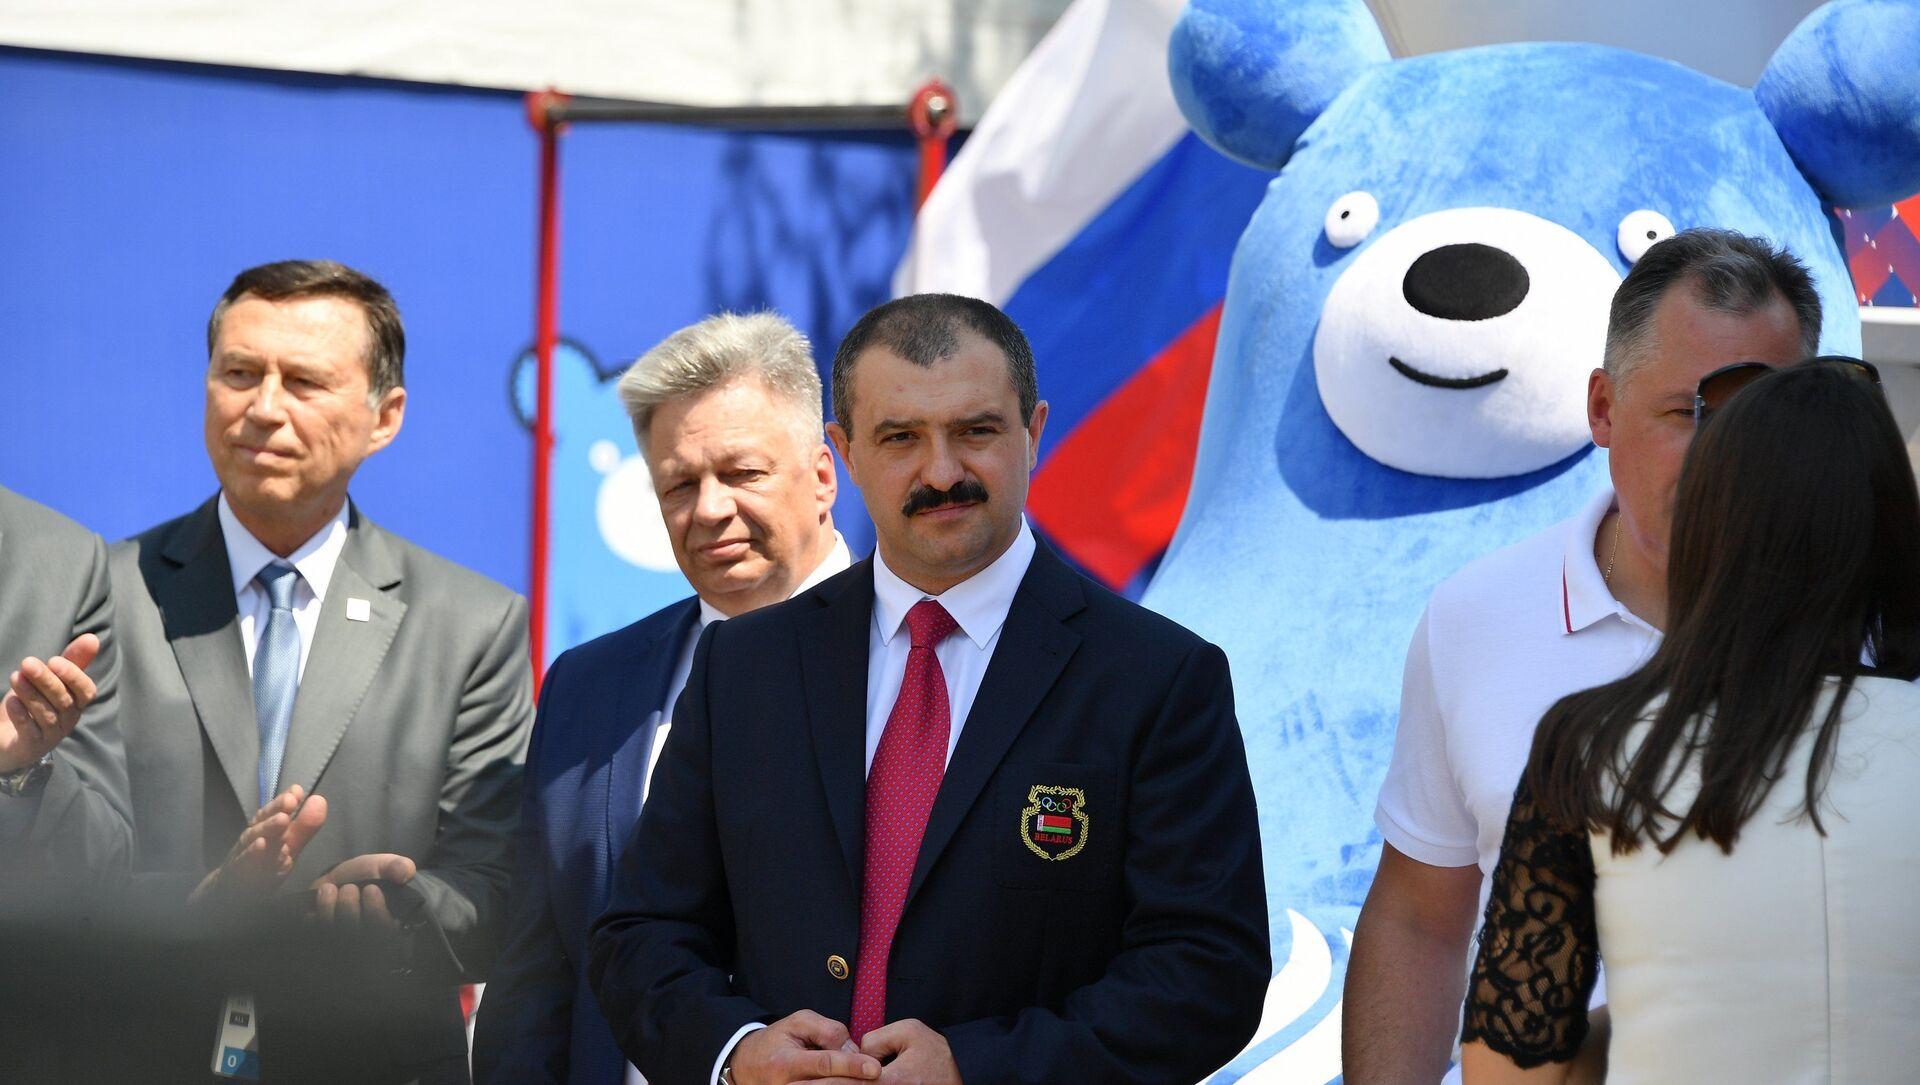 Виктор Лукашенко на церемонии открытия Дома болельщка команды России - Sputnik Беларусь, 1920, 26.02.2021